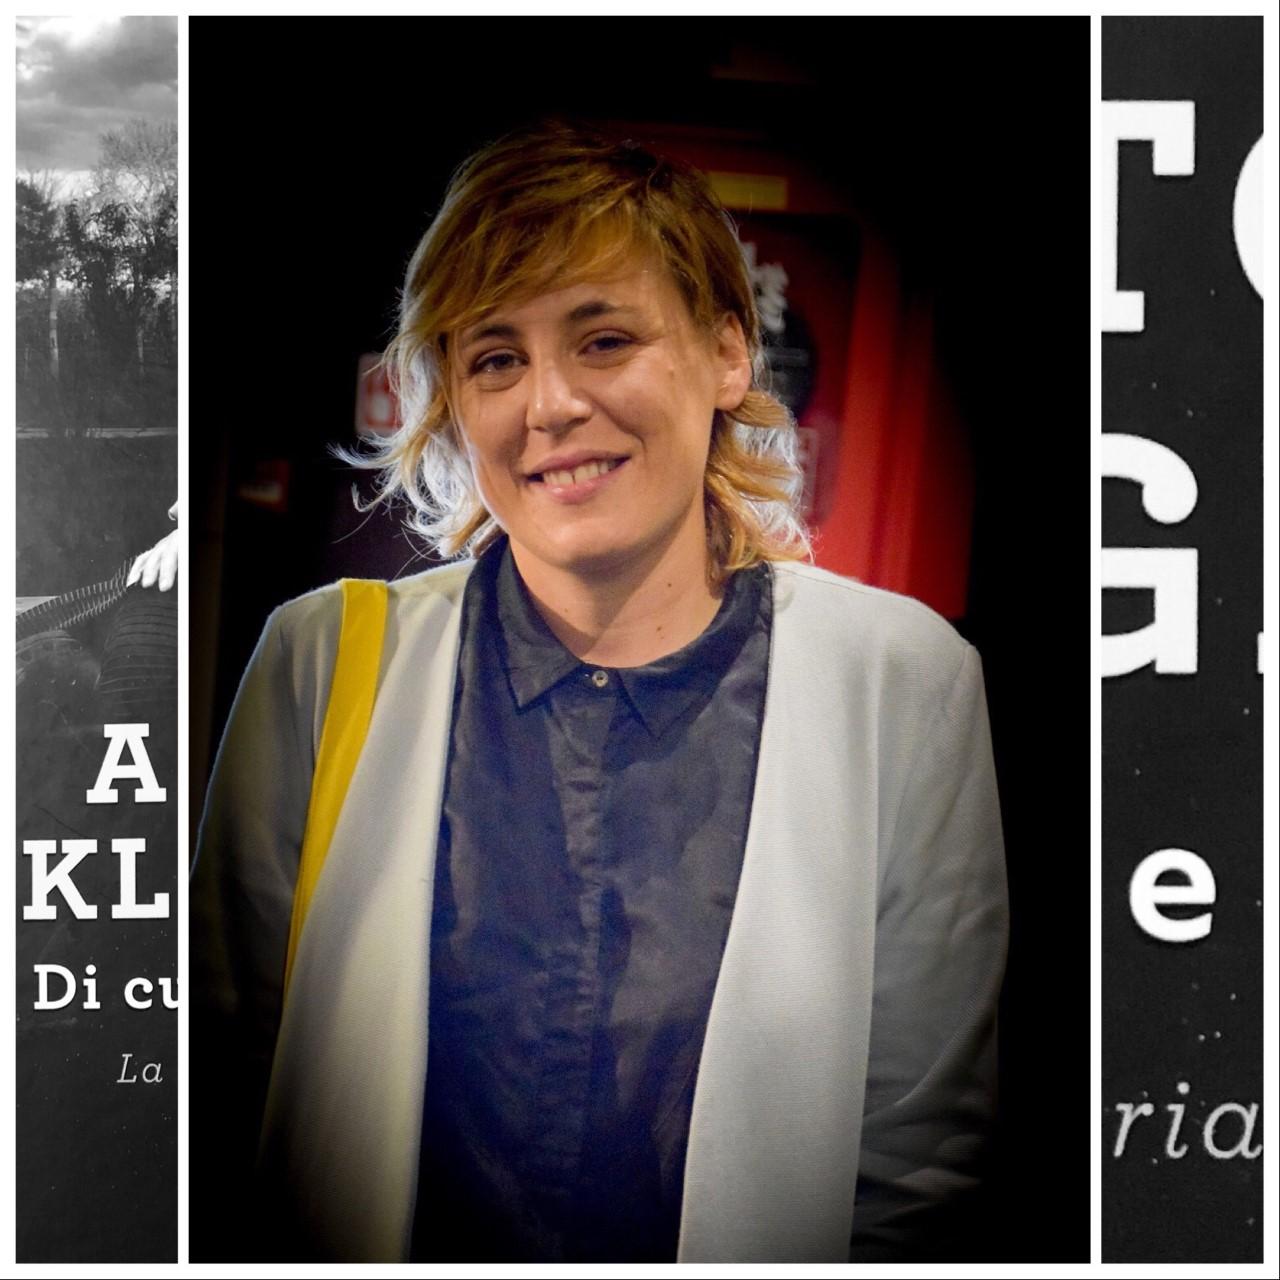 Antonia Klugmann di cuore e di coraggio